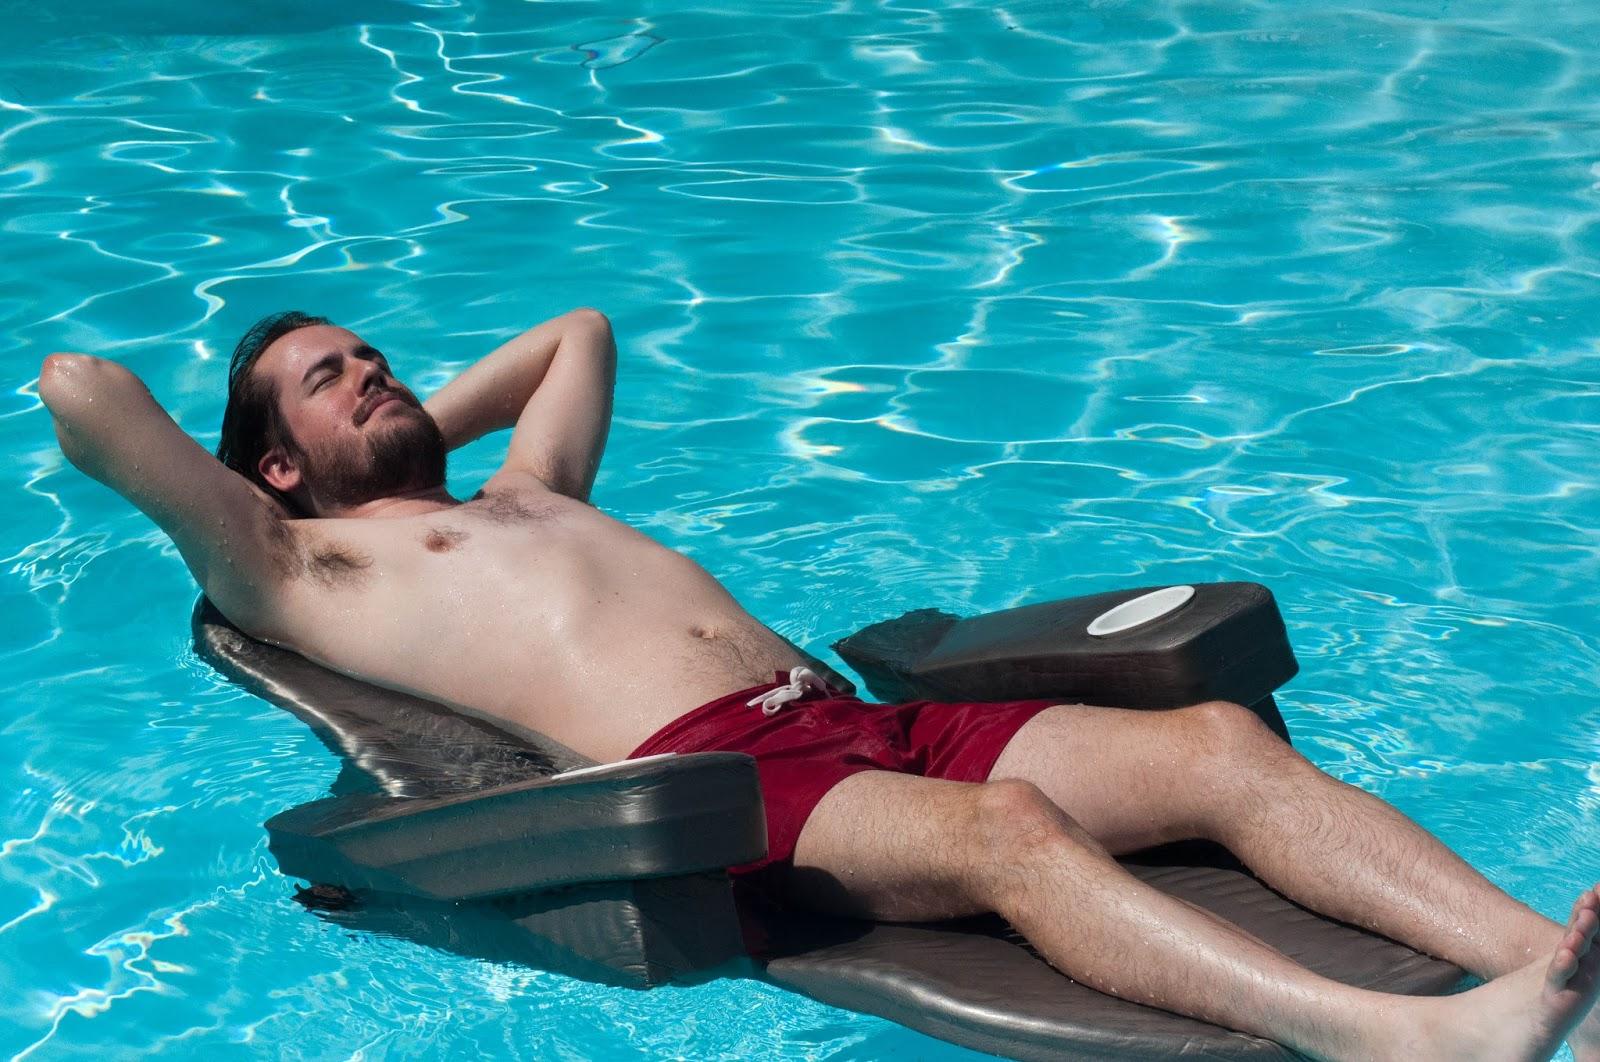 ootd, mens style, mens fashion, mens ootd, american apparel, mens swimwear, raft float, pool raft